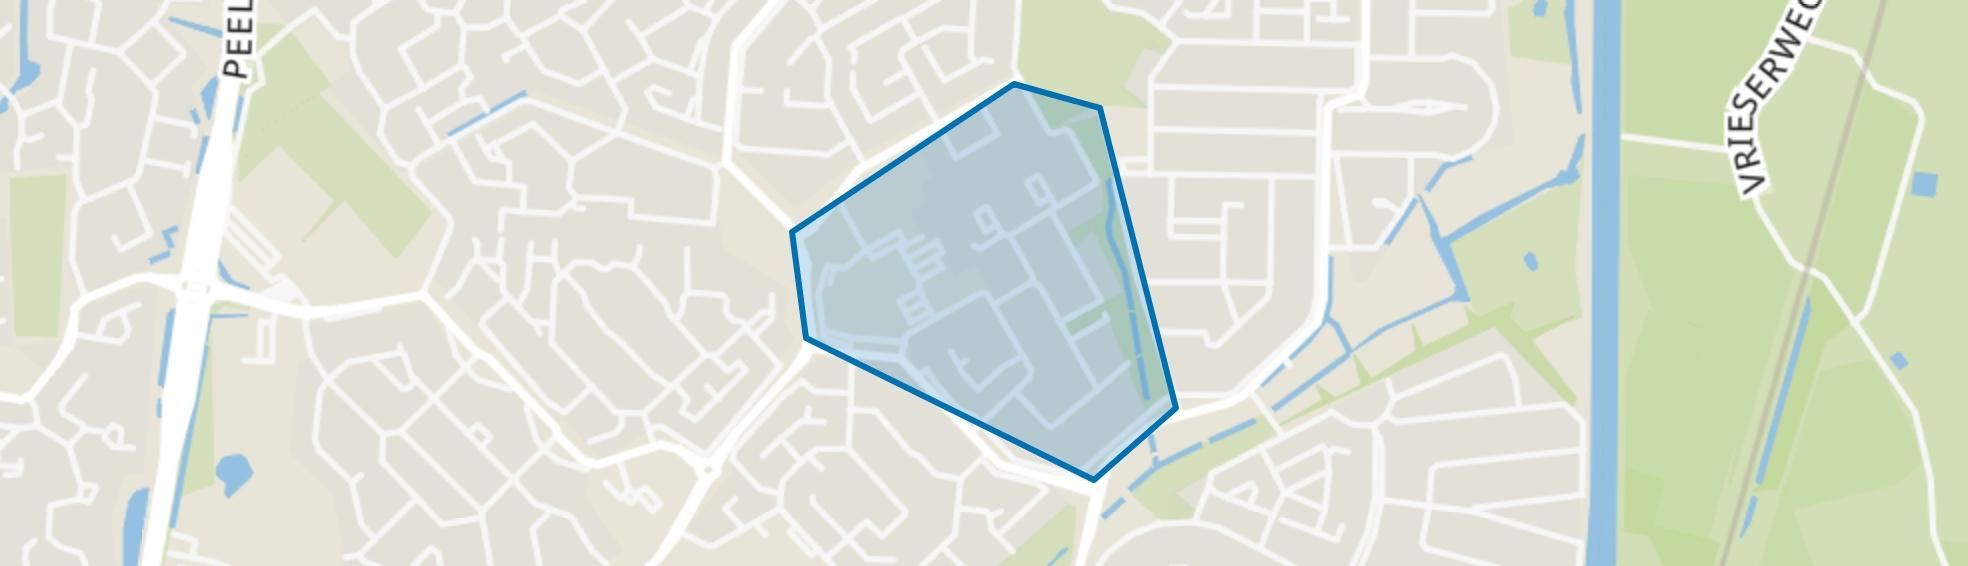 De Beemden, Assen map